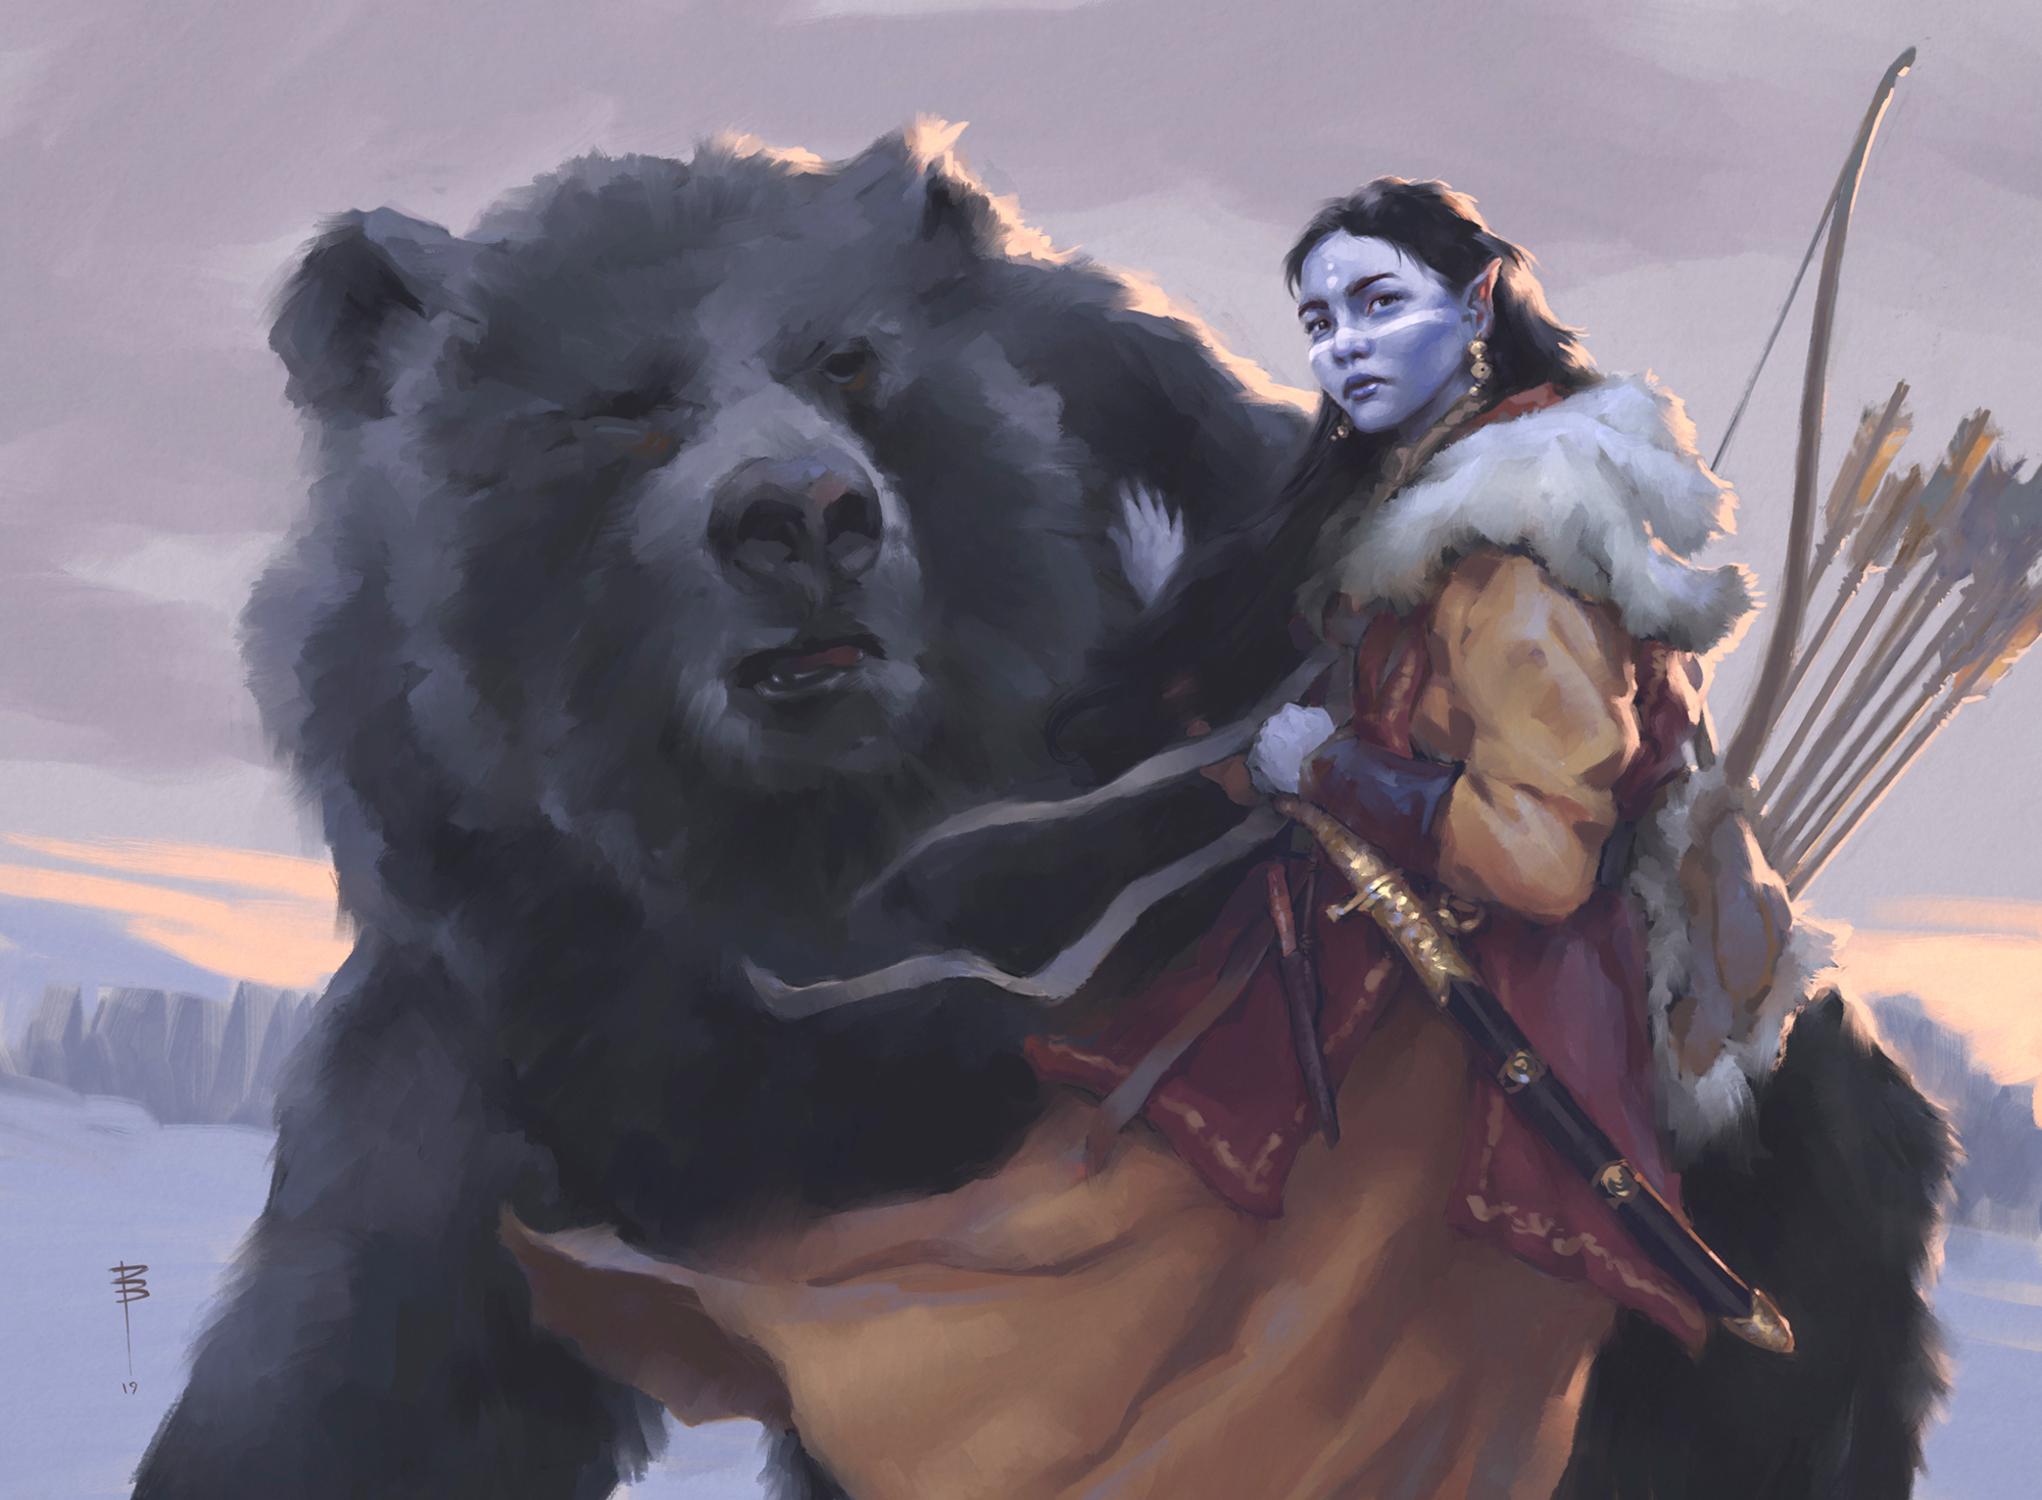 Bear's Companion I Artwork by David Brasgalla